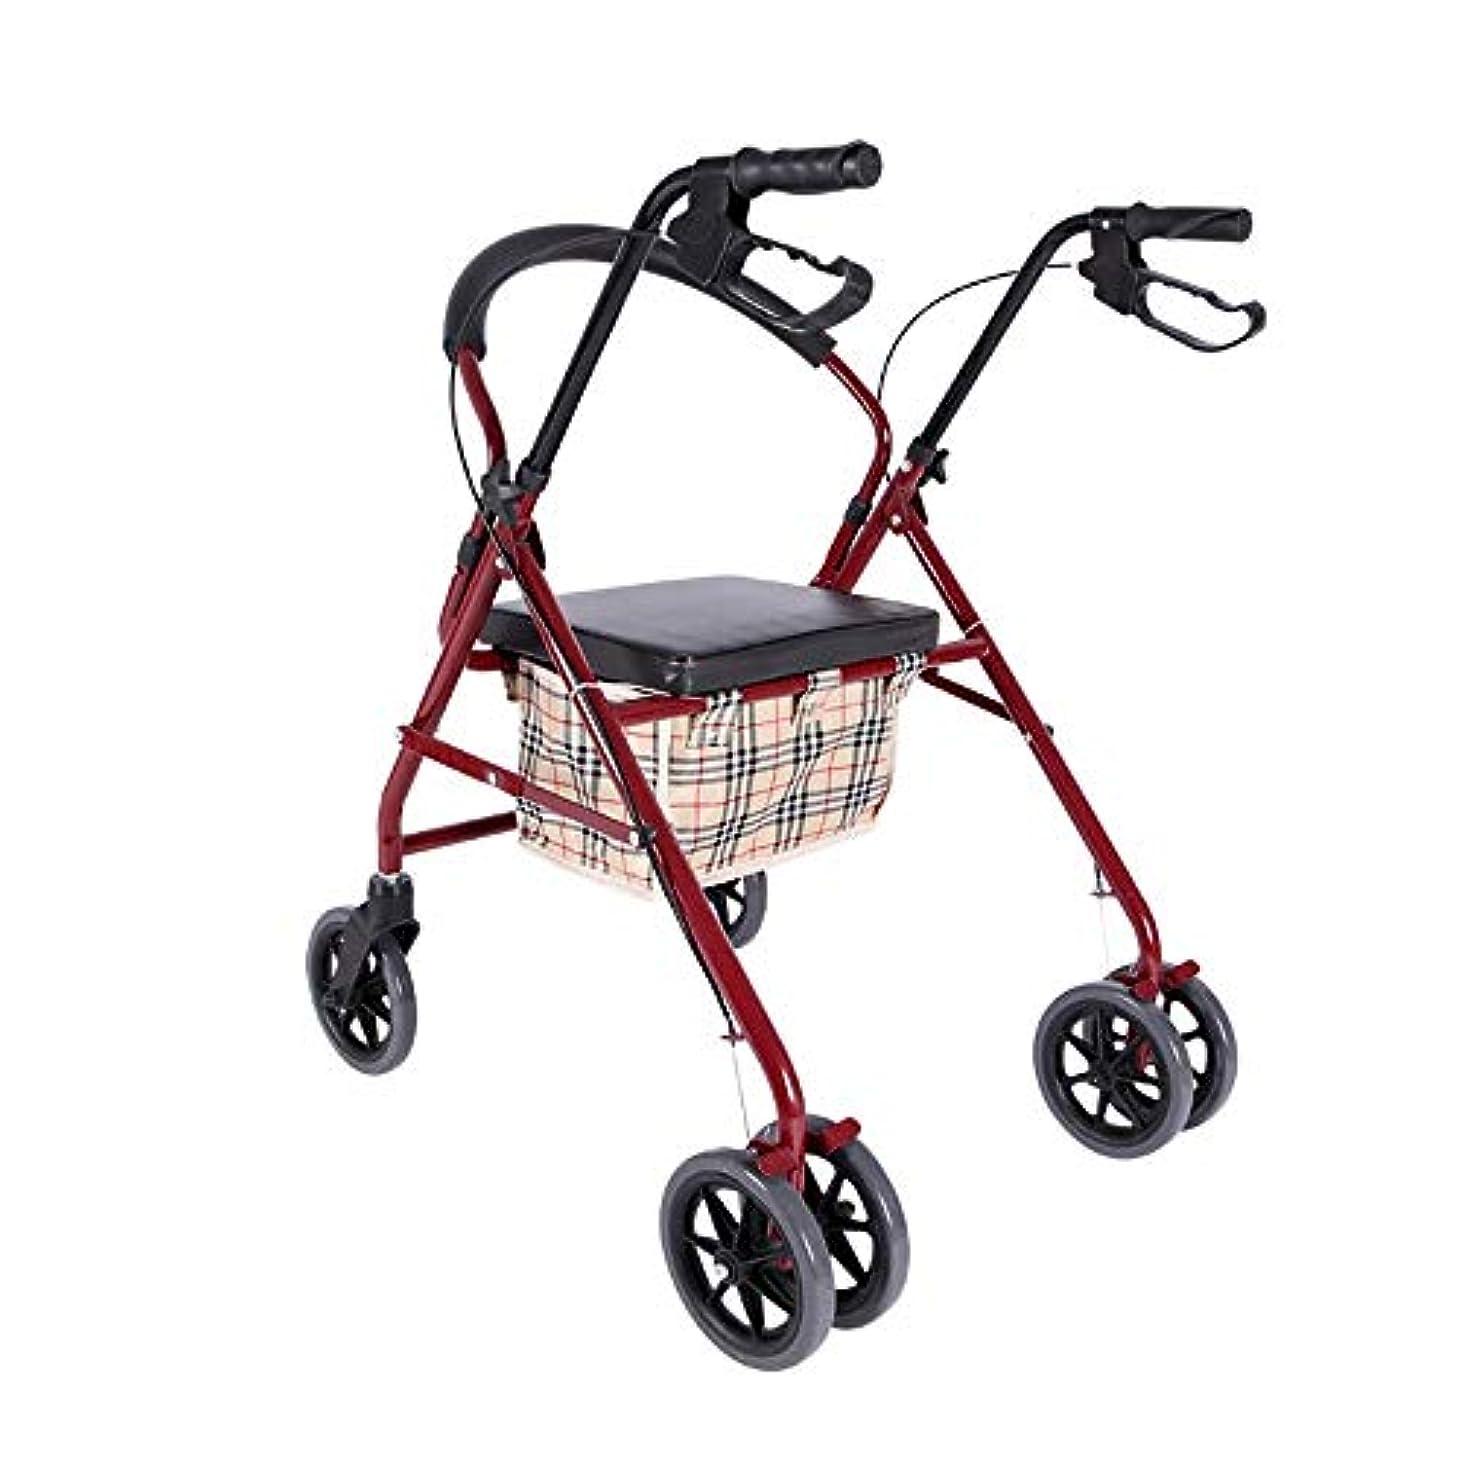 パッド入りシート、ロック可能なブレーキ、人間工学に基づいたハンドル、キャリーバッグを備えた軽量折りたたみ式四輪歩行器ウォーカー